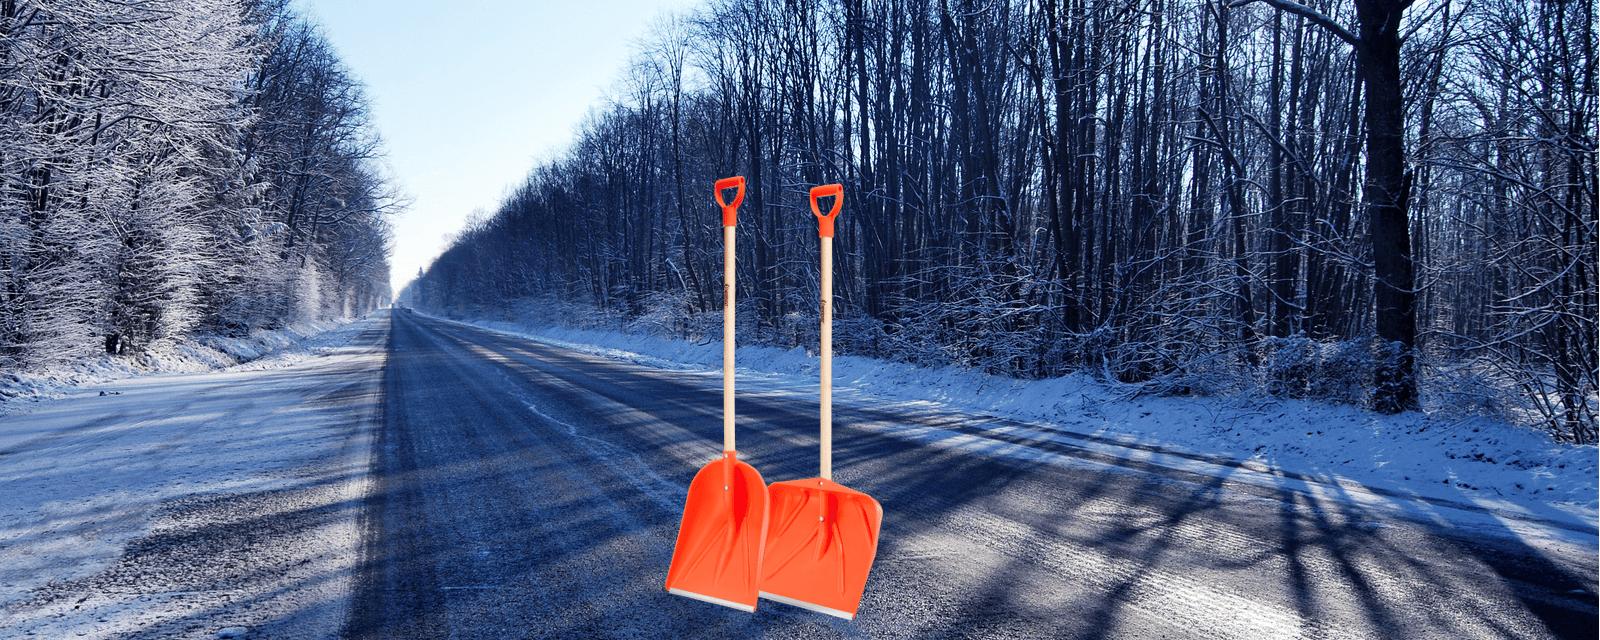 Schneeschaufeln <p>Aus qualitativ hochwertigen Materialien hergestellten, robust und beständig gegen mechanische Beschädigungen. Hervorragend geeignet zum Schneeräumen sowie bei allen Aufräumarbeiten.</p>